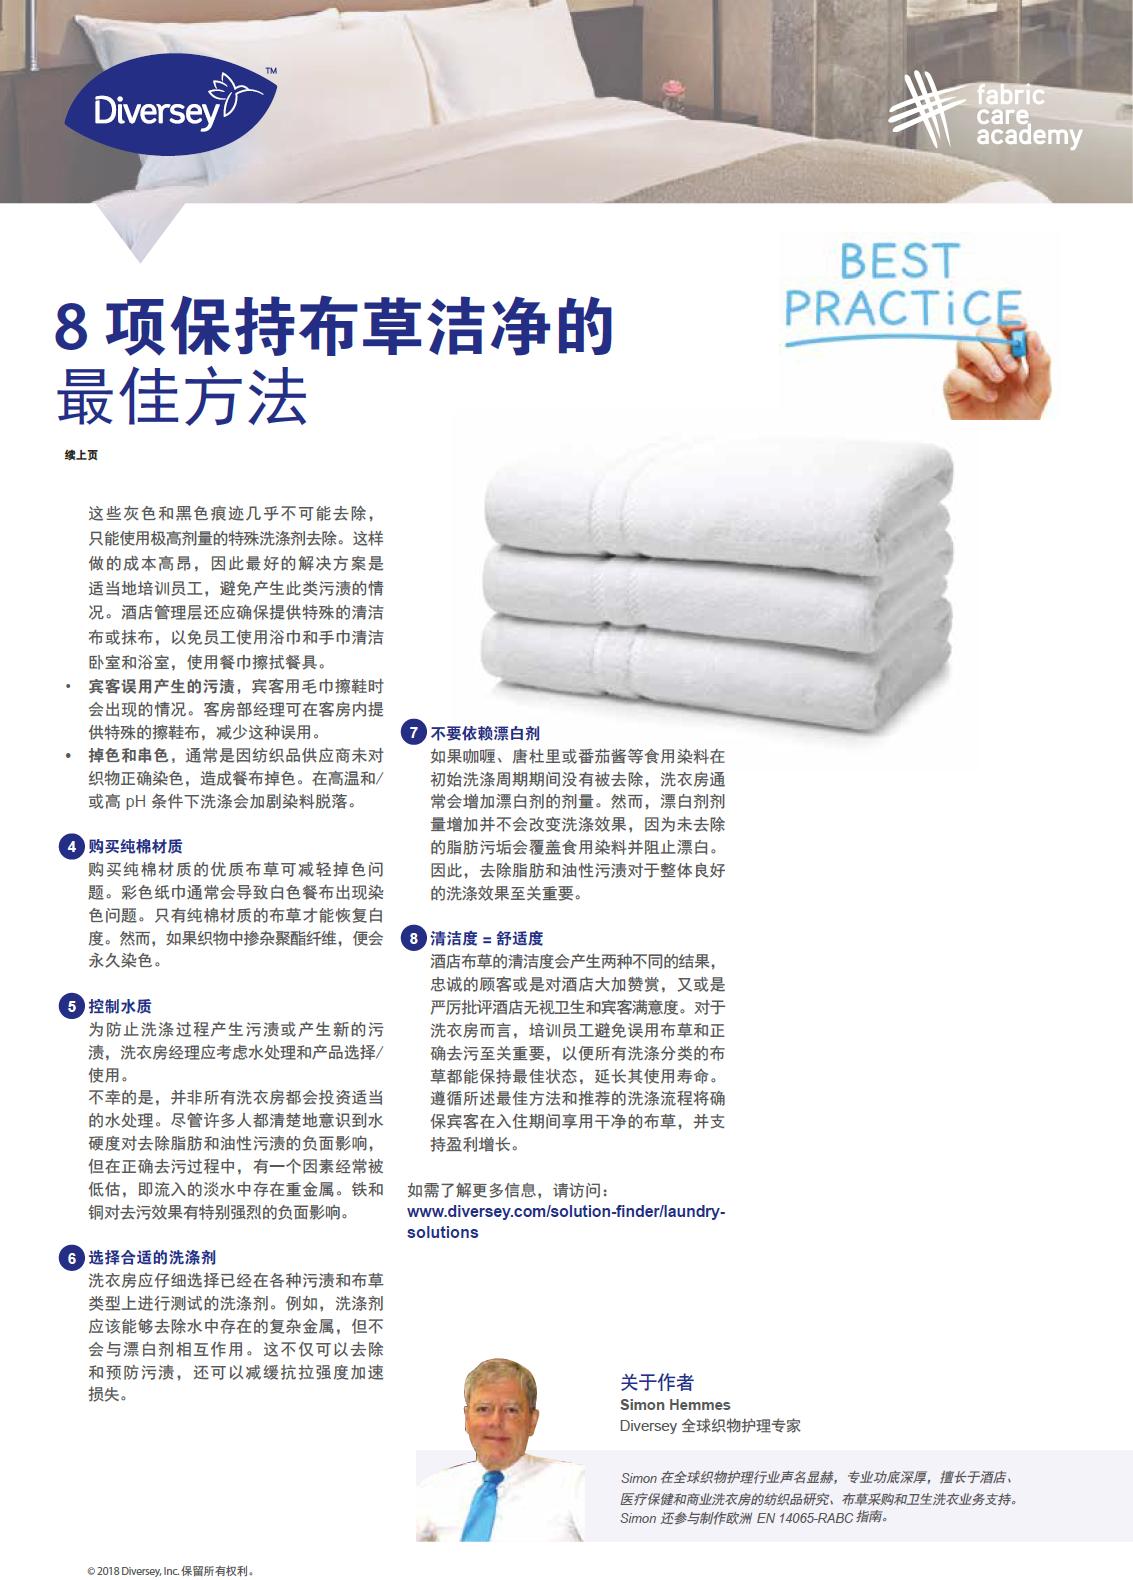 8项保持布草洁净的最佳方法_市场观察_工业与公共设施清洁_中国洗涤用品行业信息网